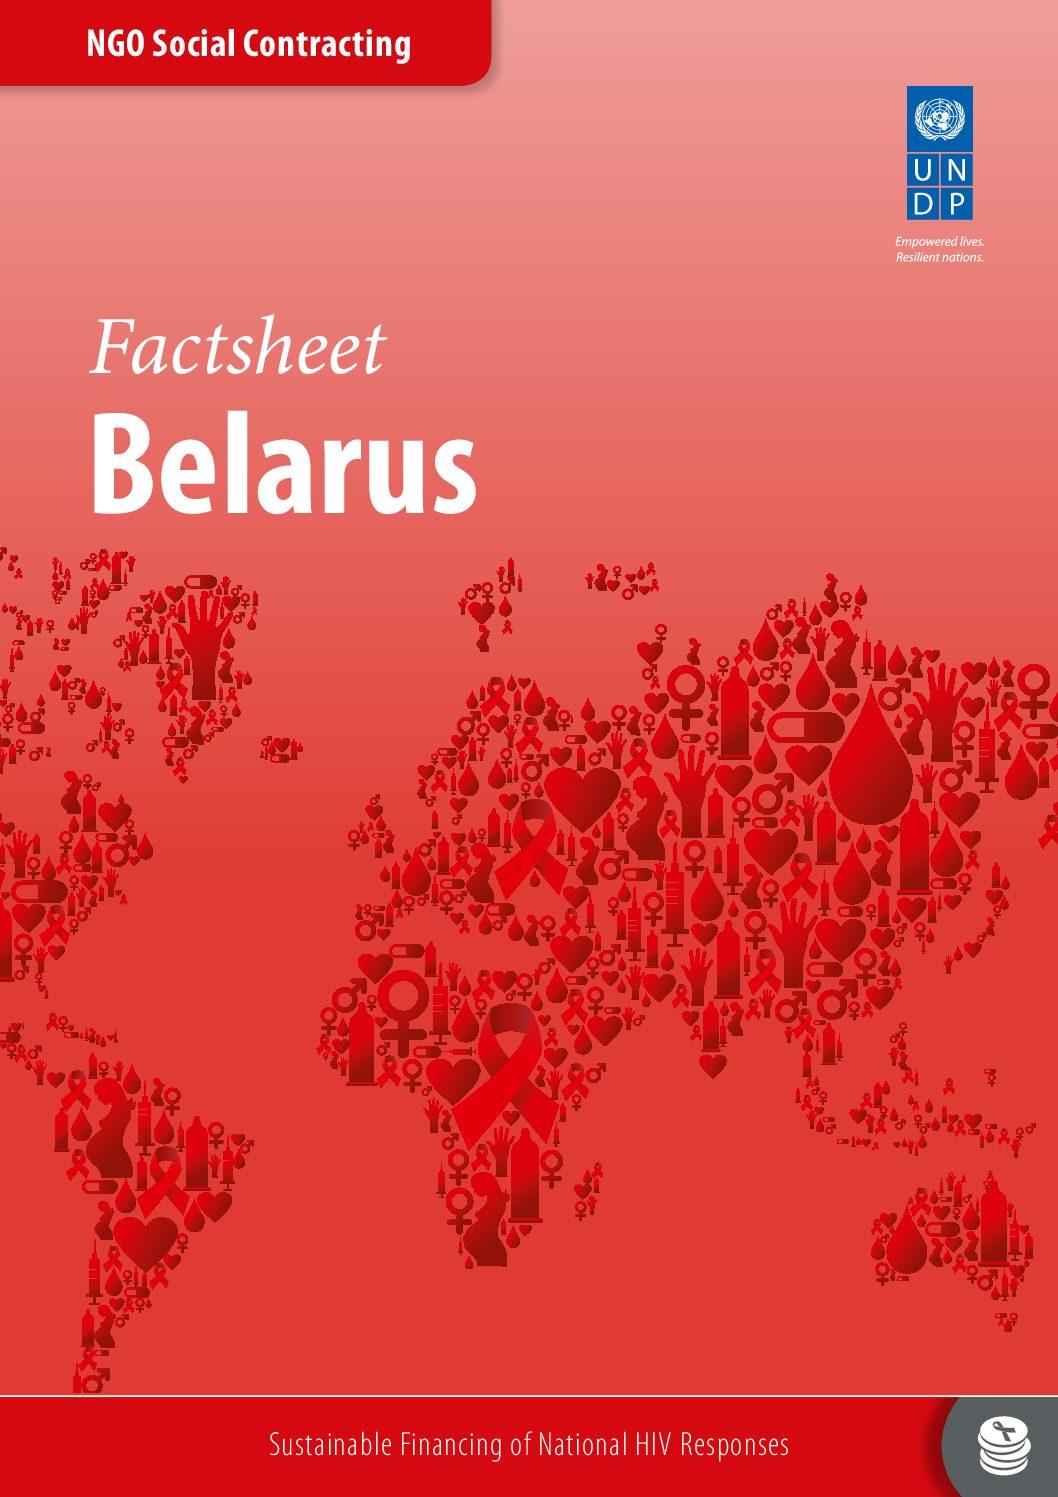 UNDP NGO factsheet Belarus.